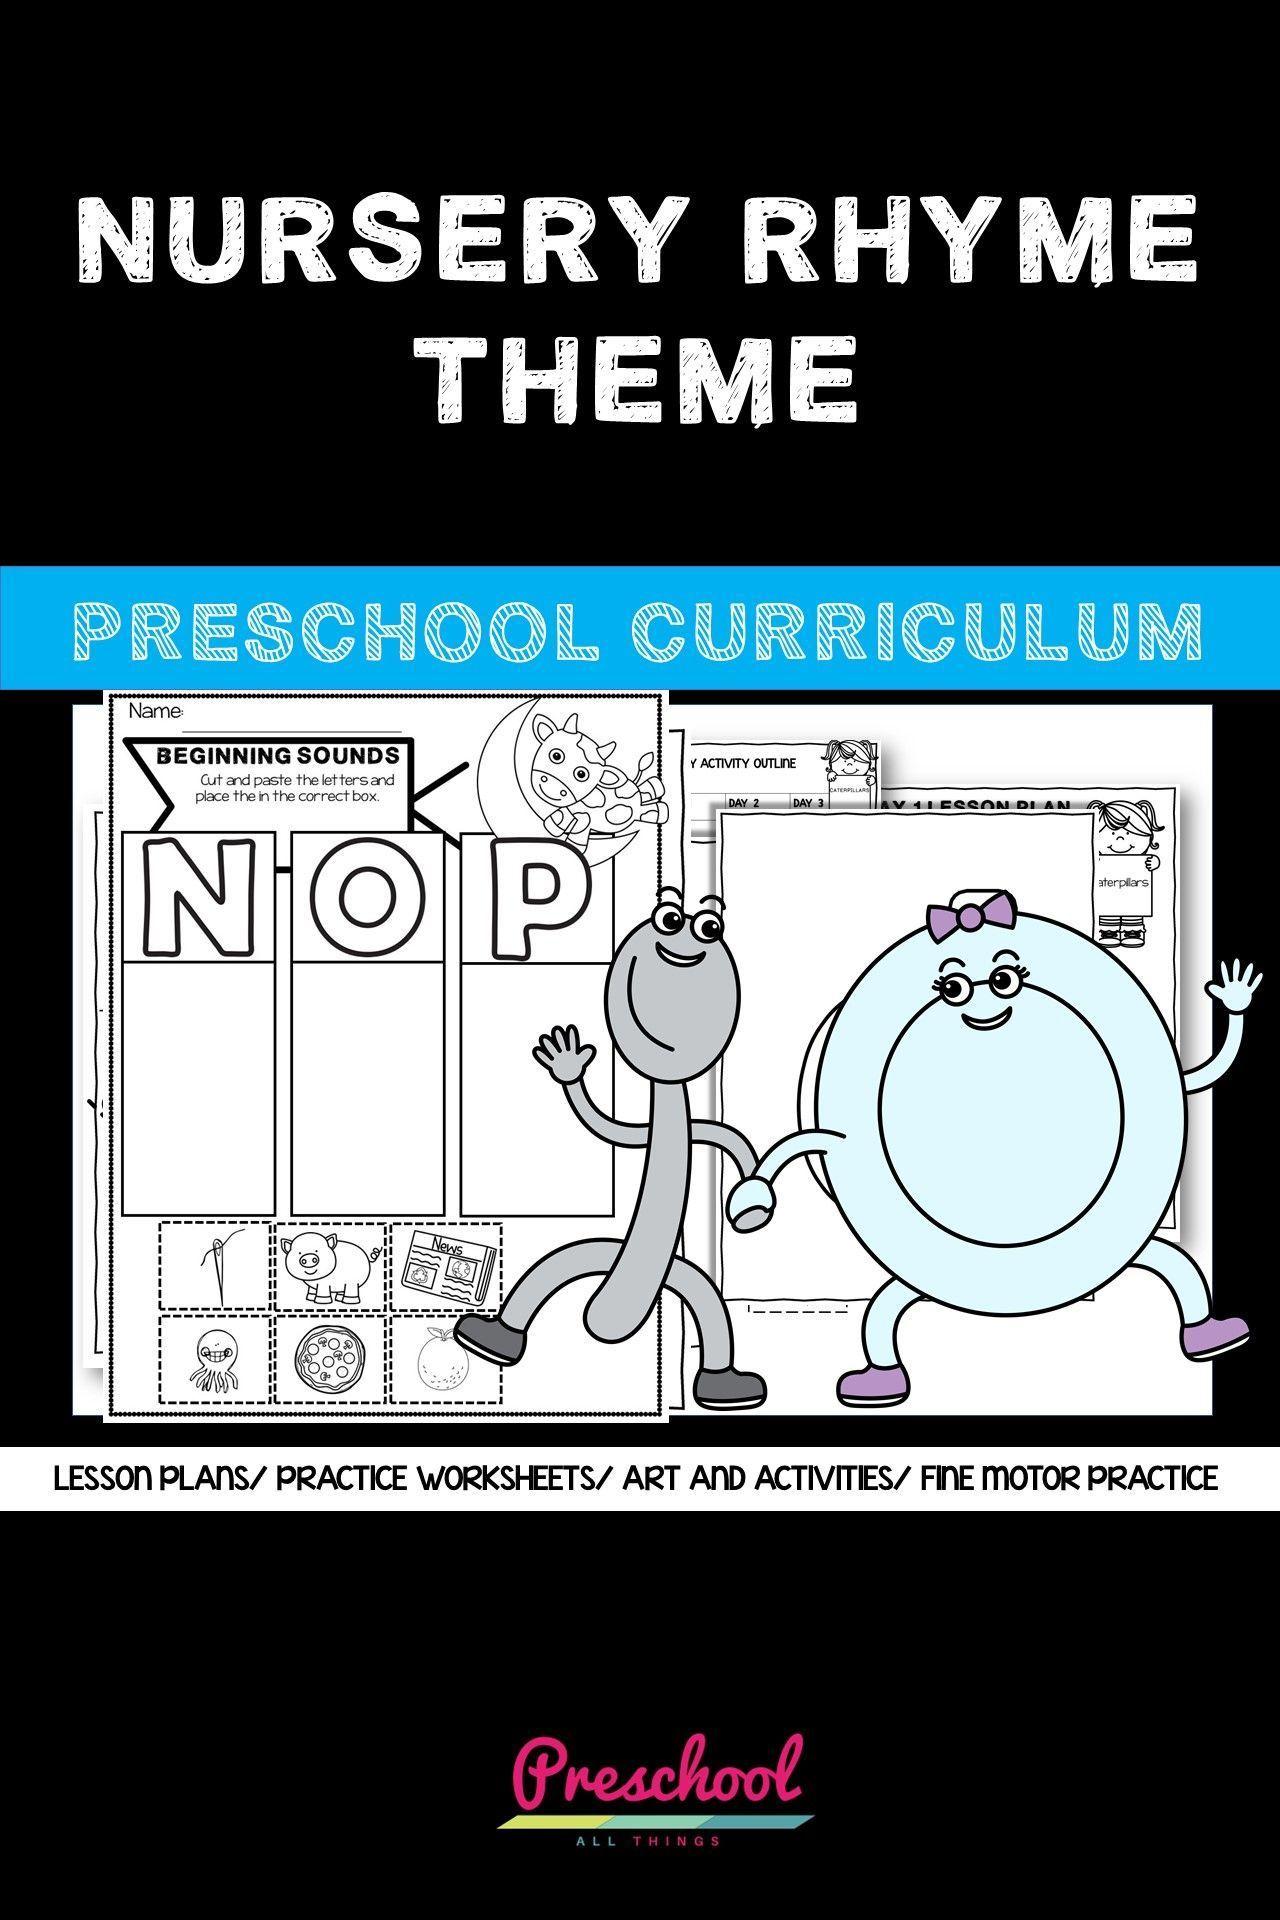 Nursery Rhyme Theme Curriculum